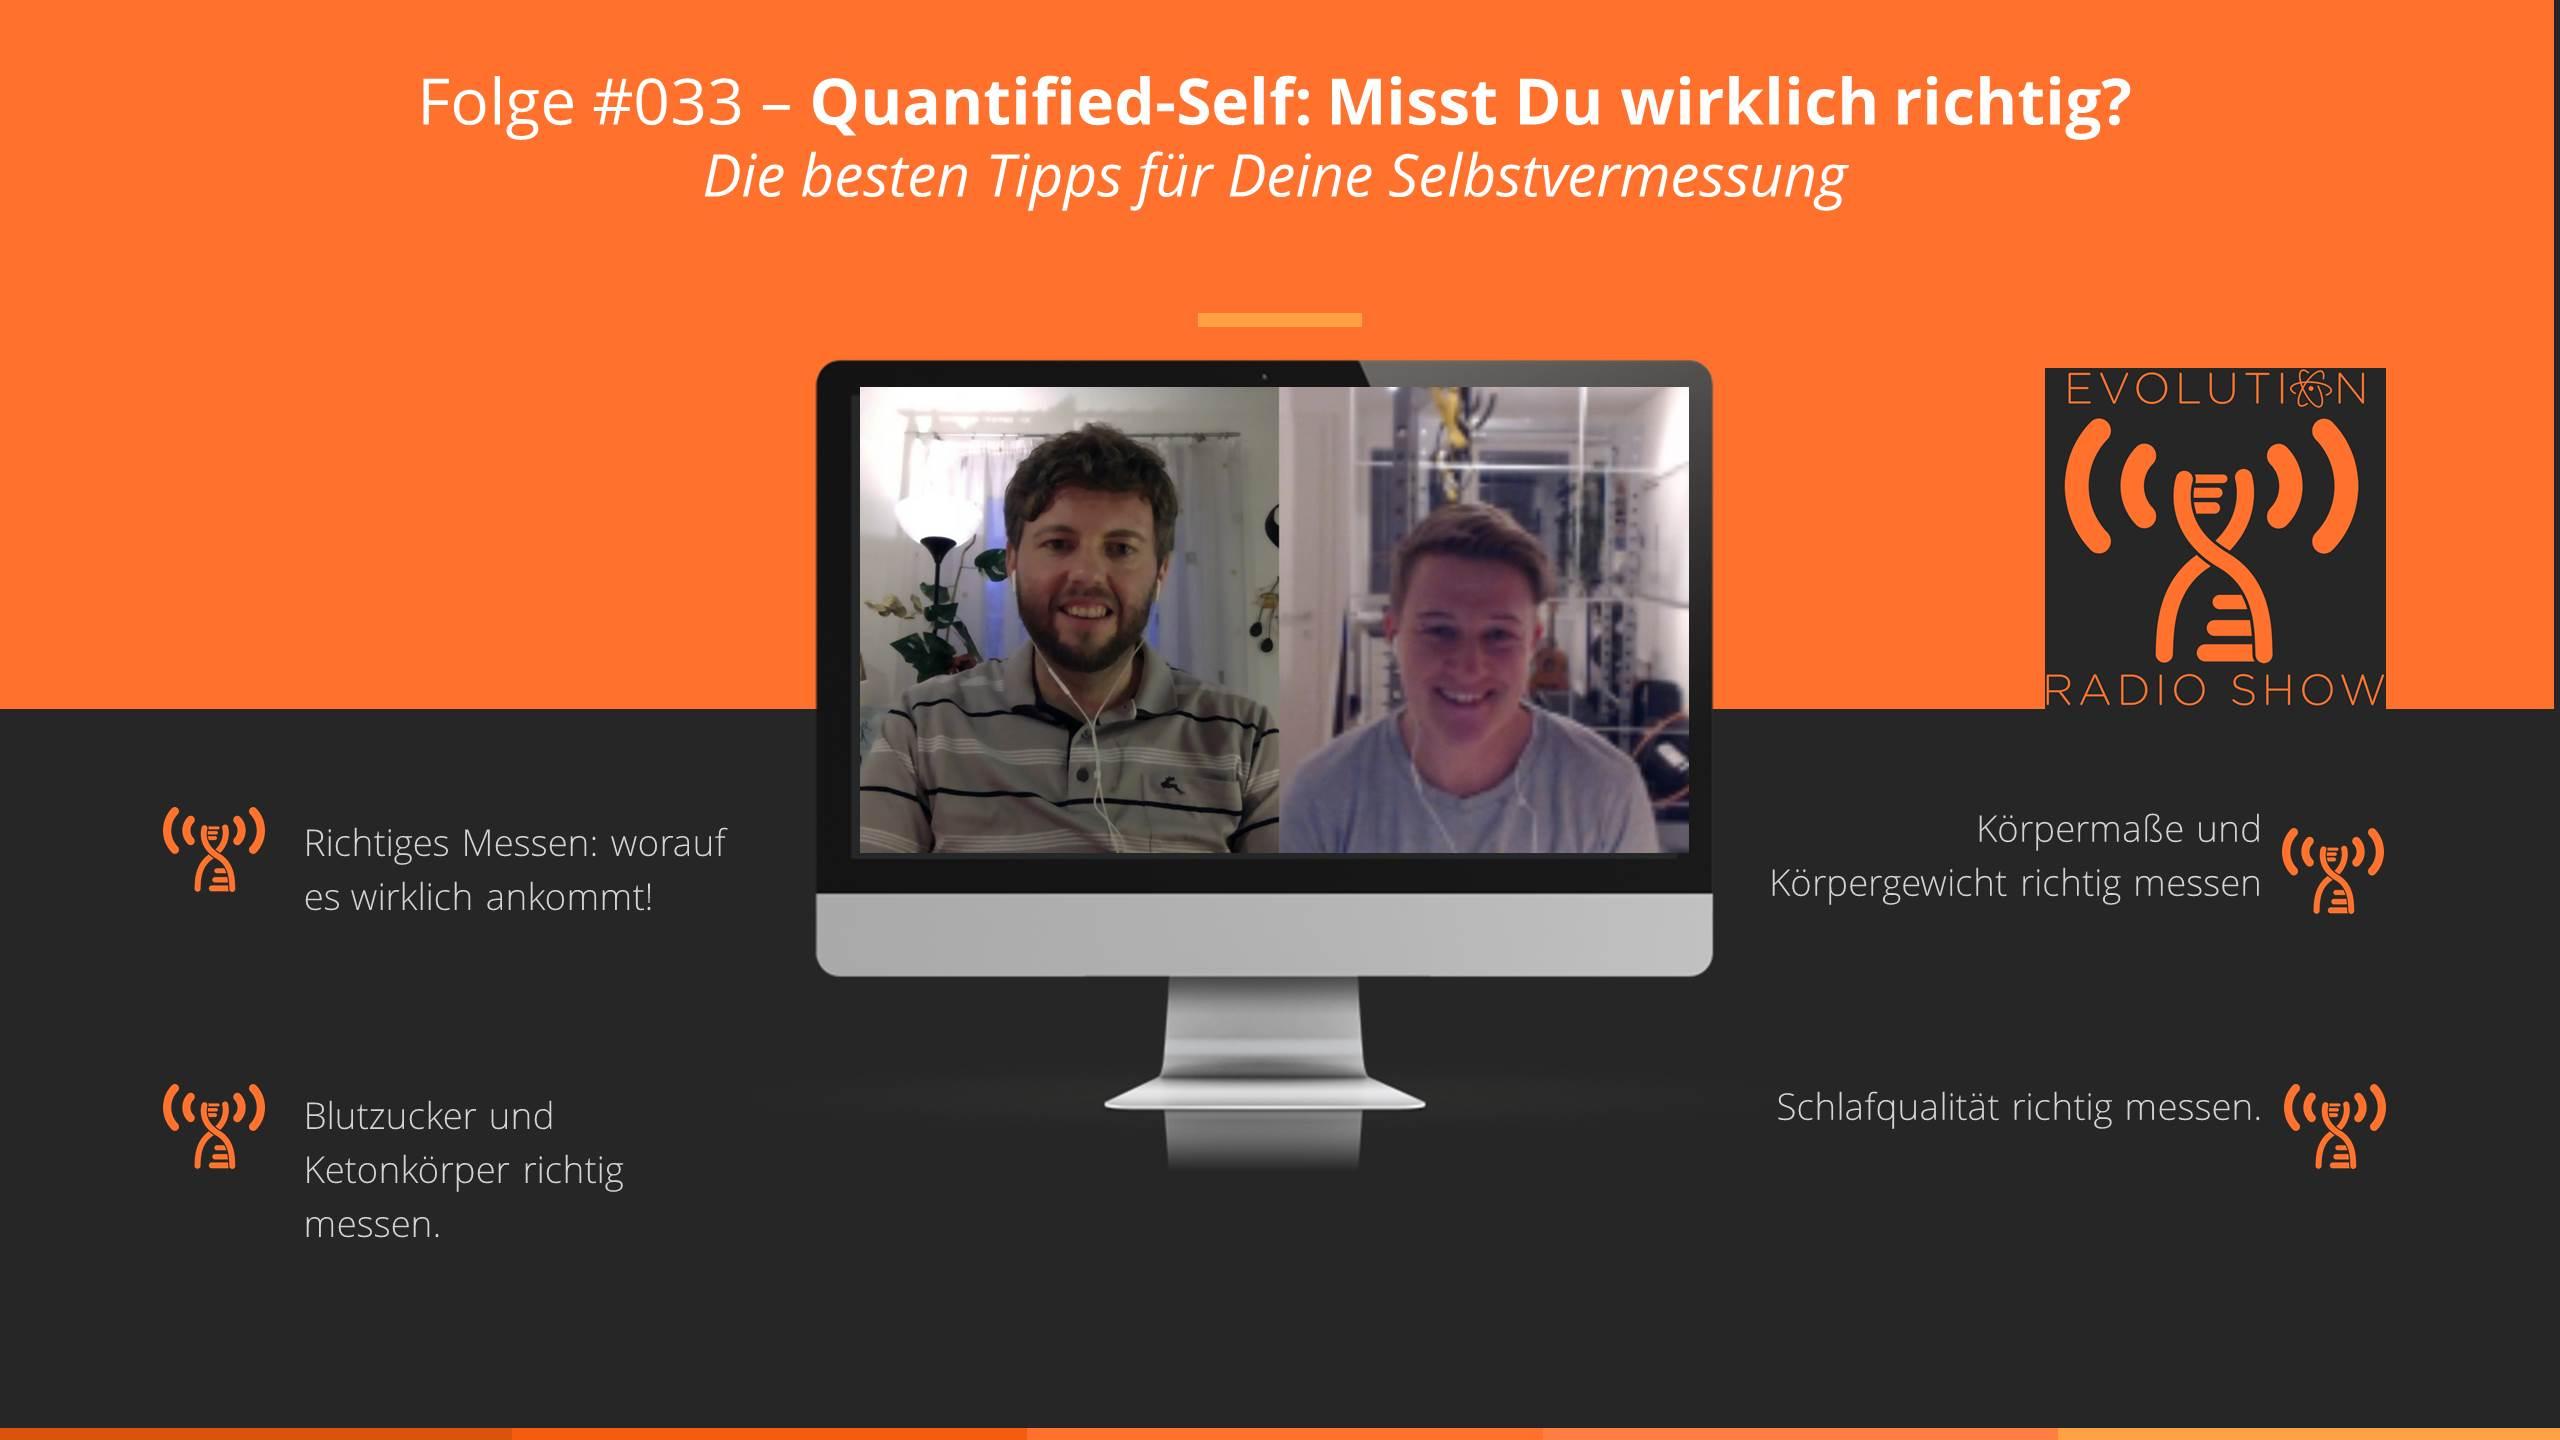 Evolution Radio Show Folge #033: Quantified-Self: Misst Du wirklich richtig? Die besten Tipps für Deine Selbstvermessung.